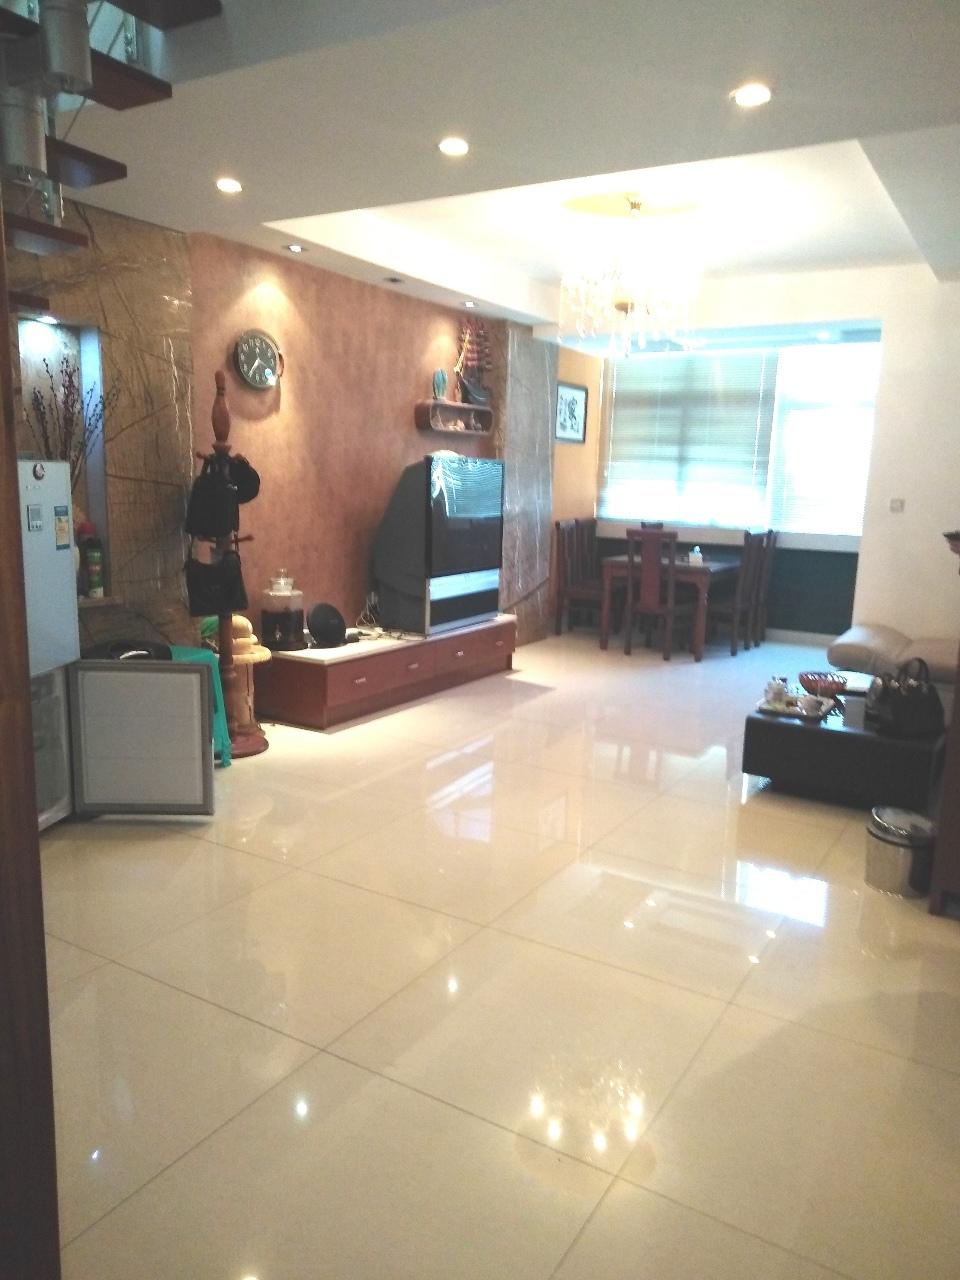 港汇3层楼中楼124平精装3室2厅2卫可进户口上学